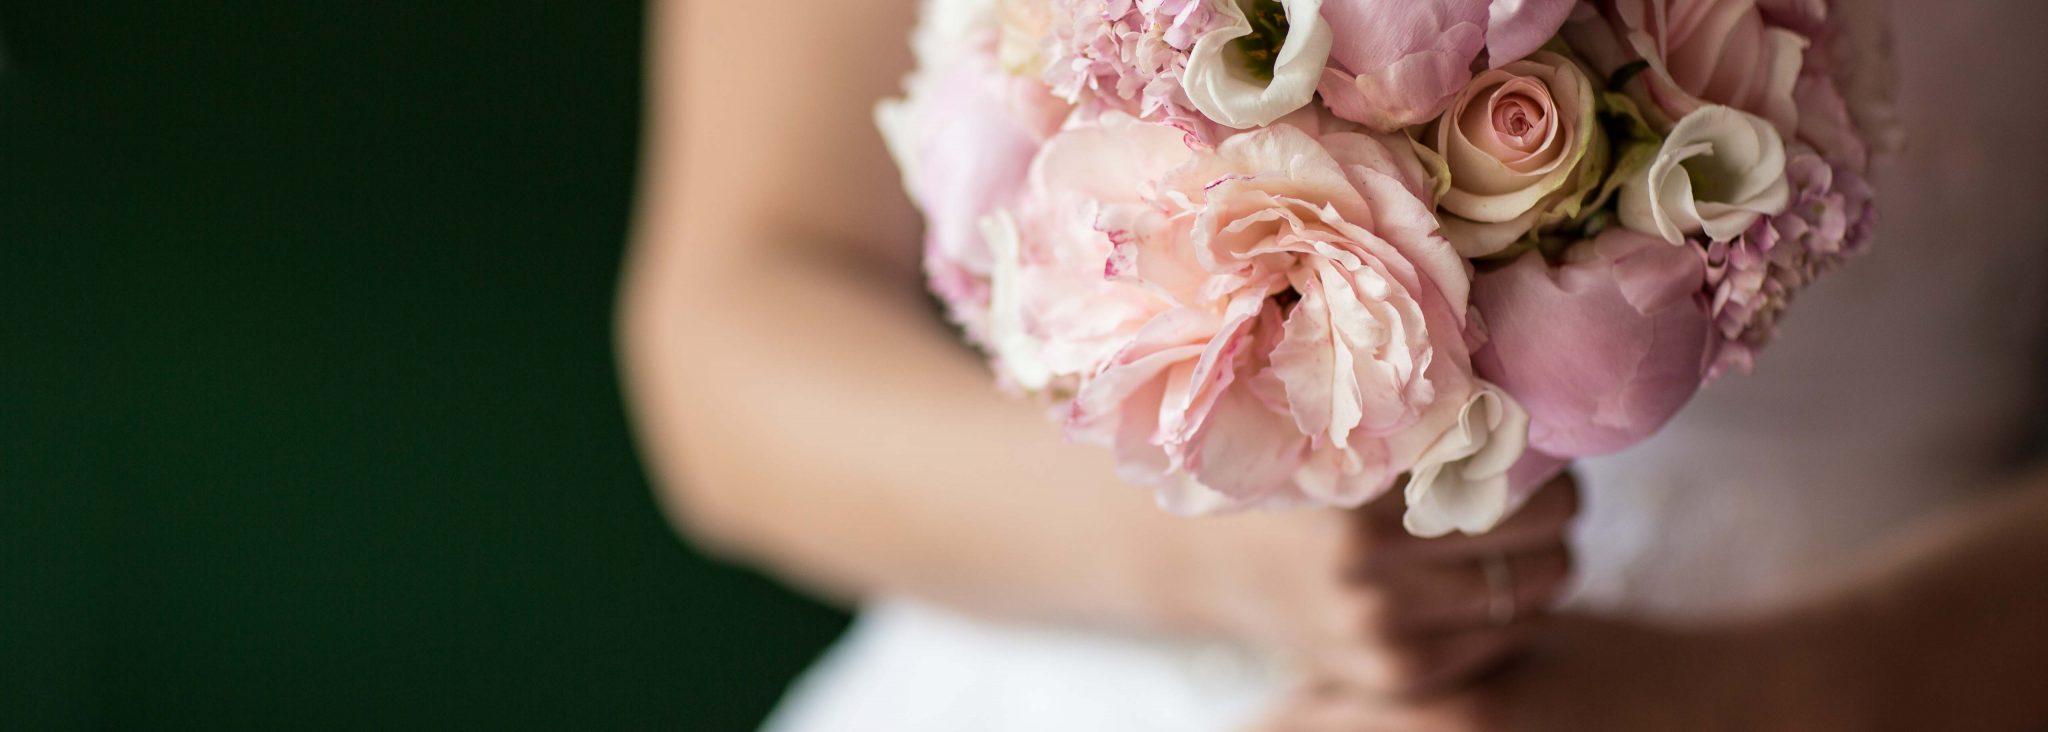 Bewegende Momente als Hochzeitsgeschenk